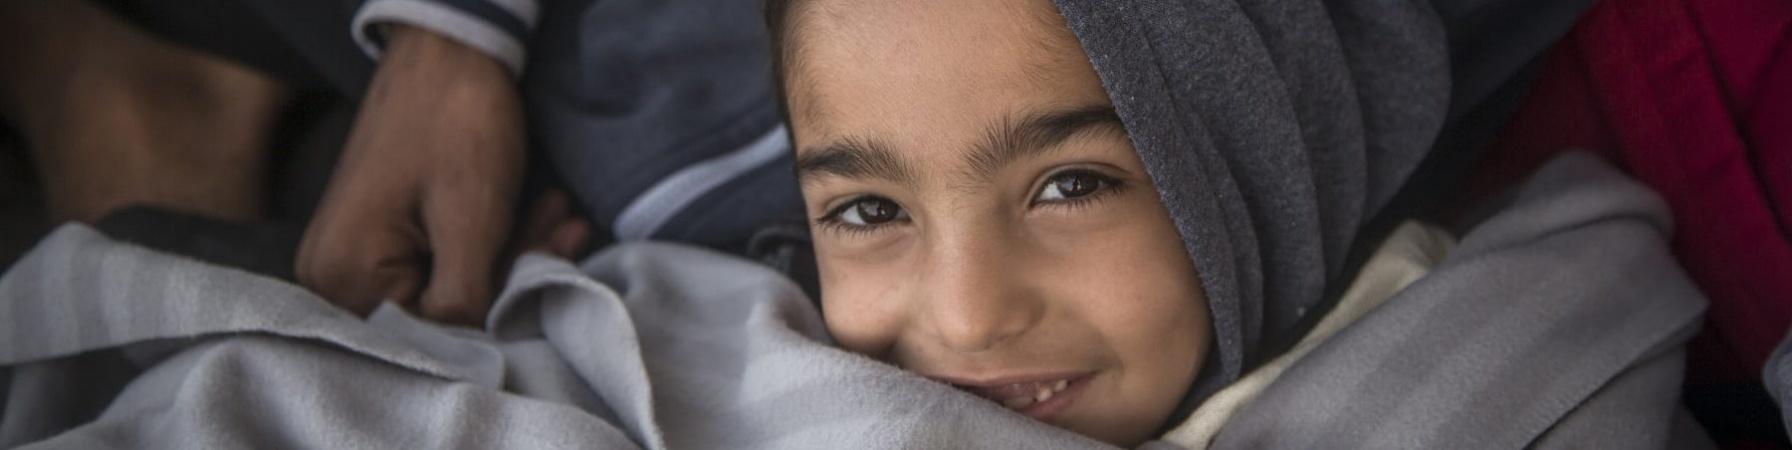 Un bambino con cappuccio grigio in testa sorride avvolto in una coperta anche essa grigia.